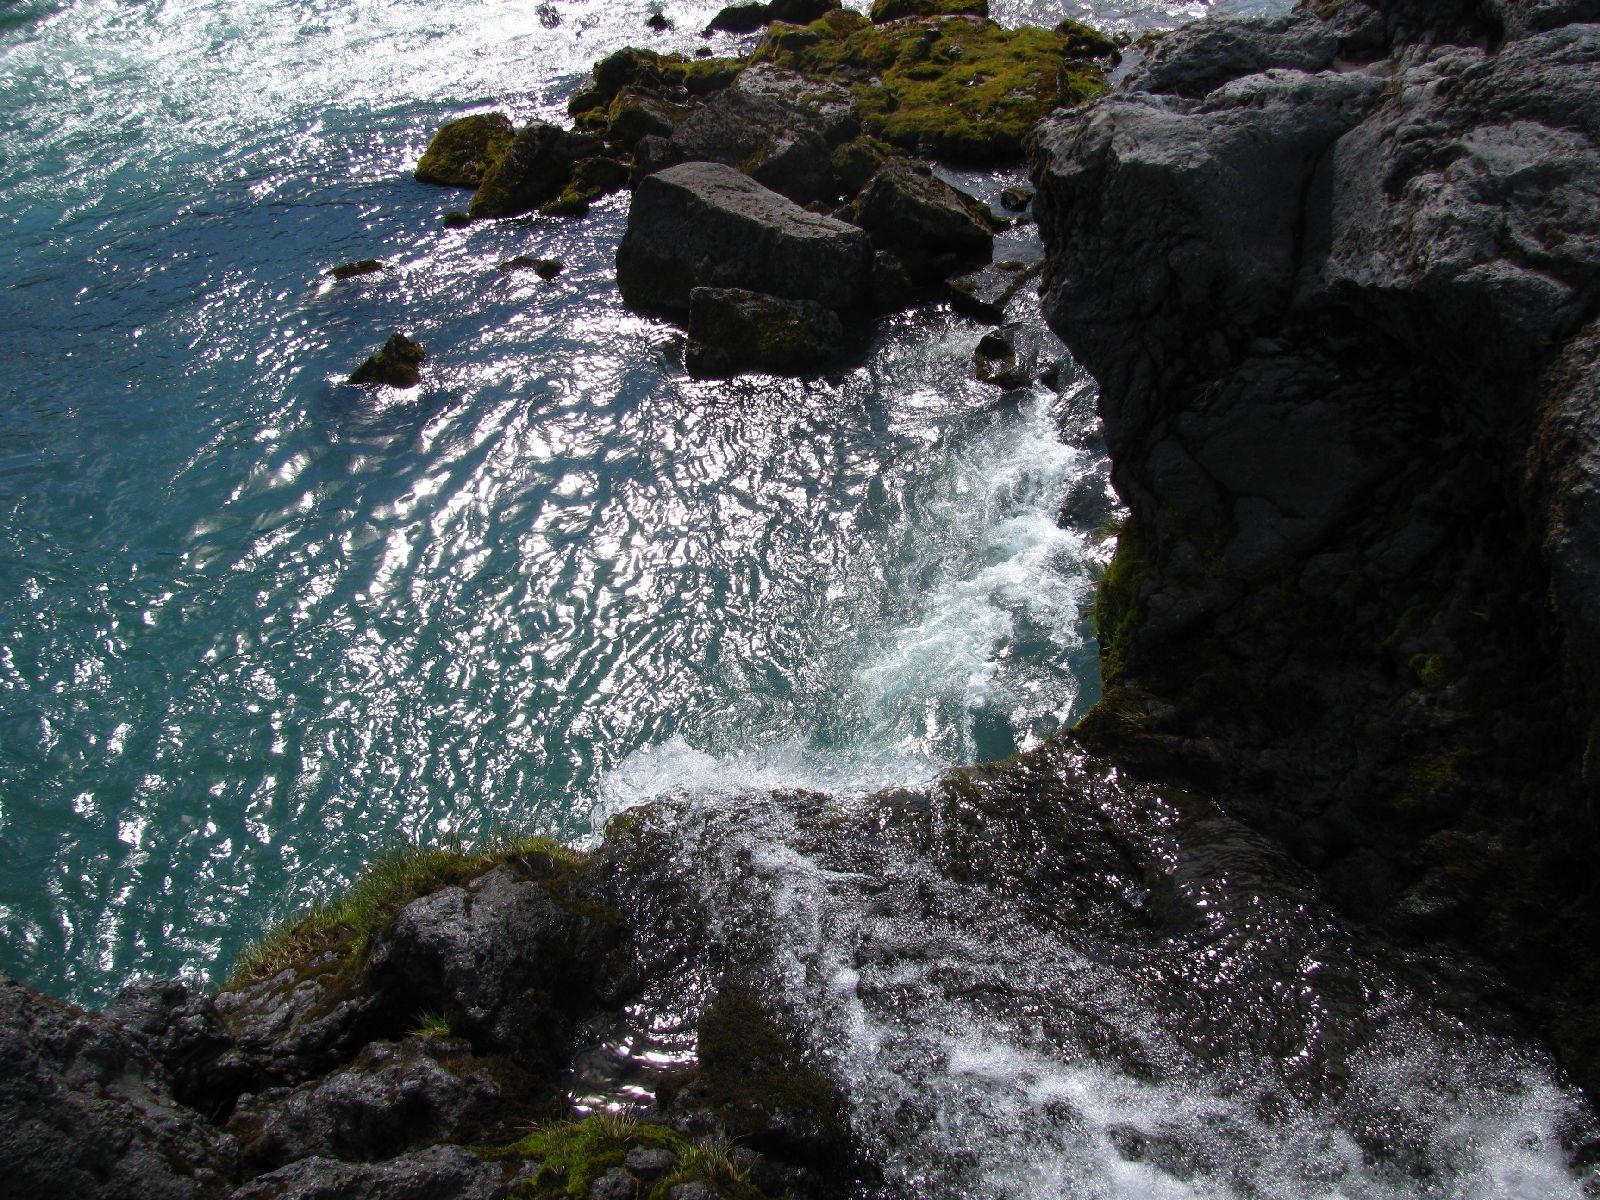 Islandia 2012 relacja z podróży część 2 (jezioro Myvatn, wodospady i zapach zgniłych jaj)